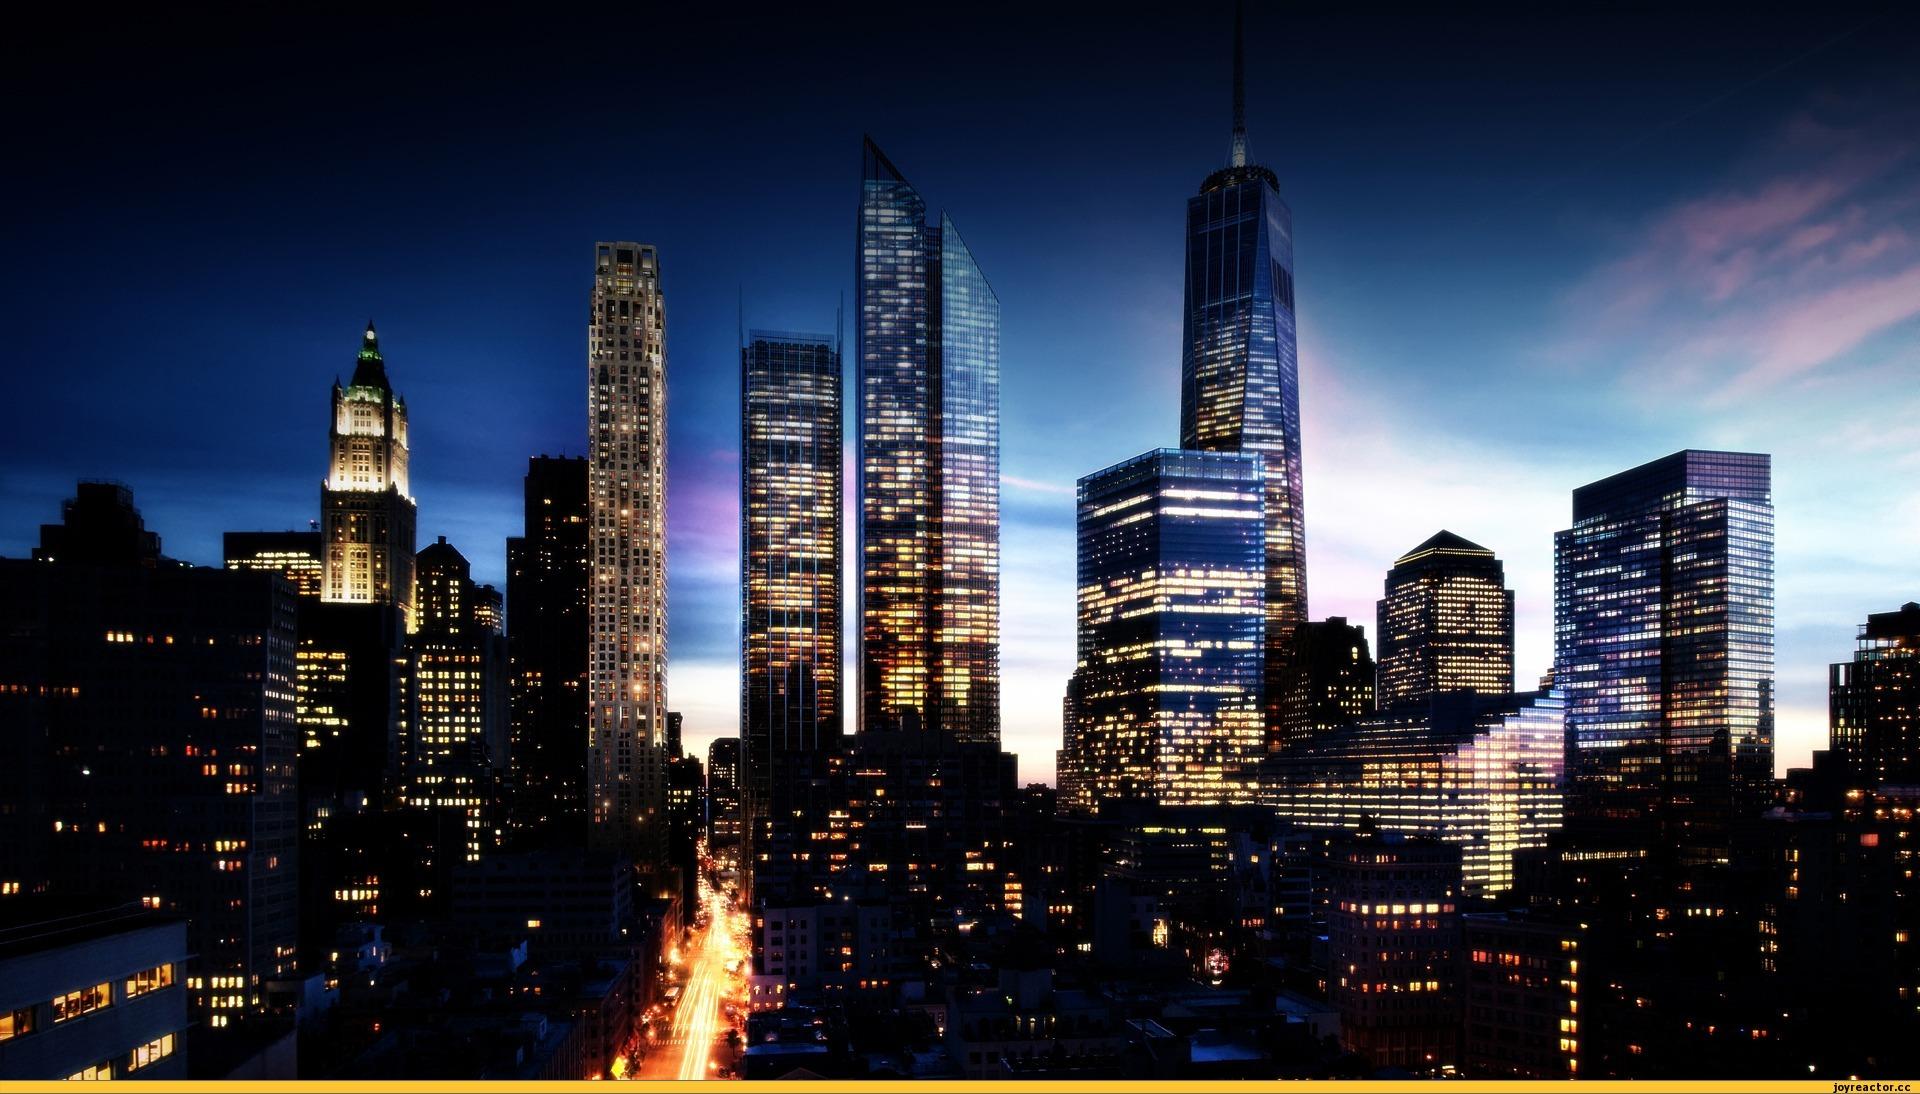 Ночной город рисунок фото